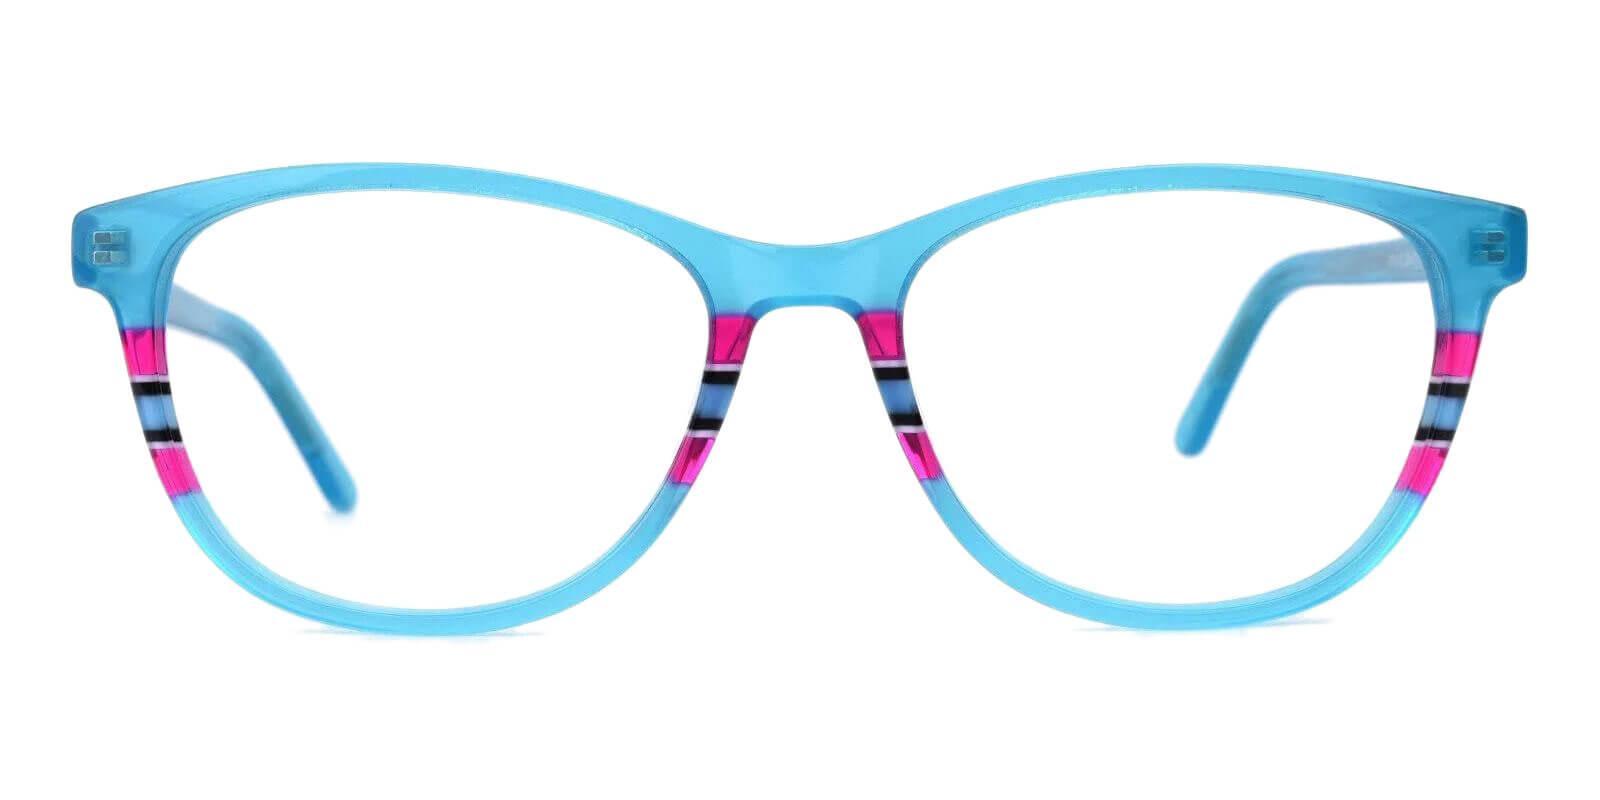 Vltava Green Acetate Eyeglasses , UniversalBridgeFit Frames from ABBE Glasses